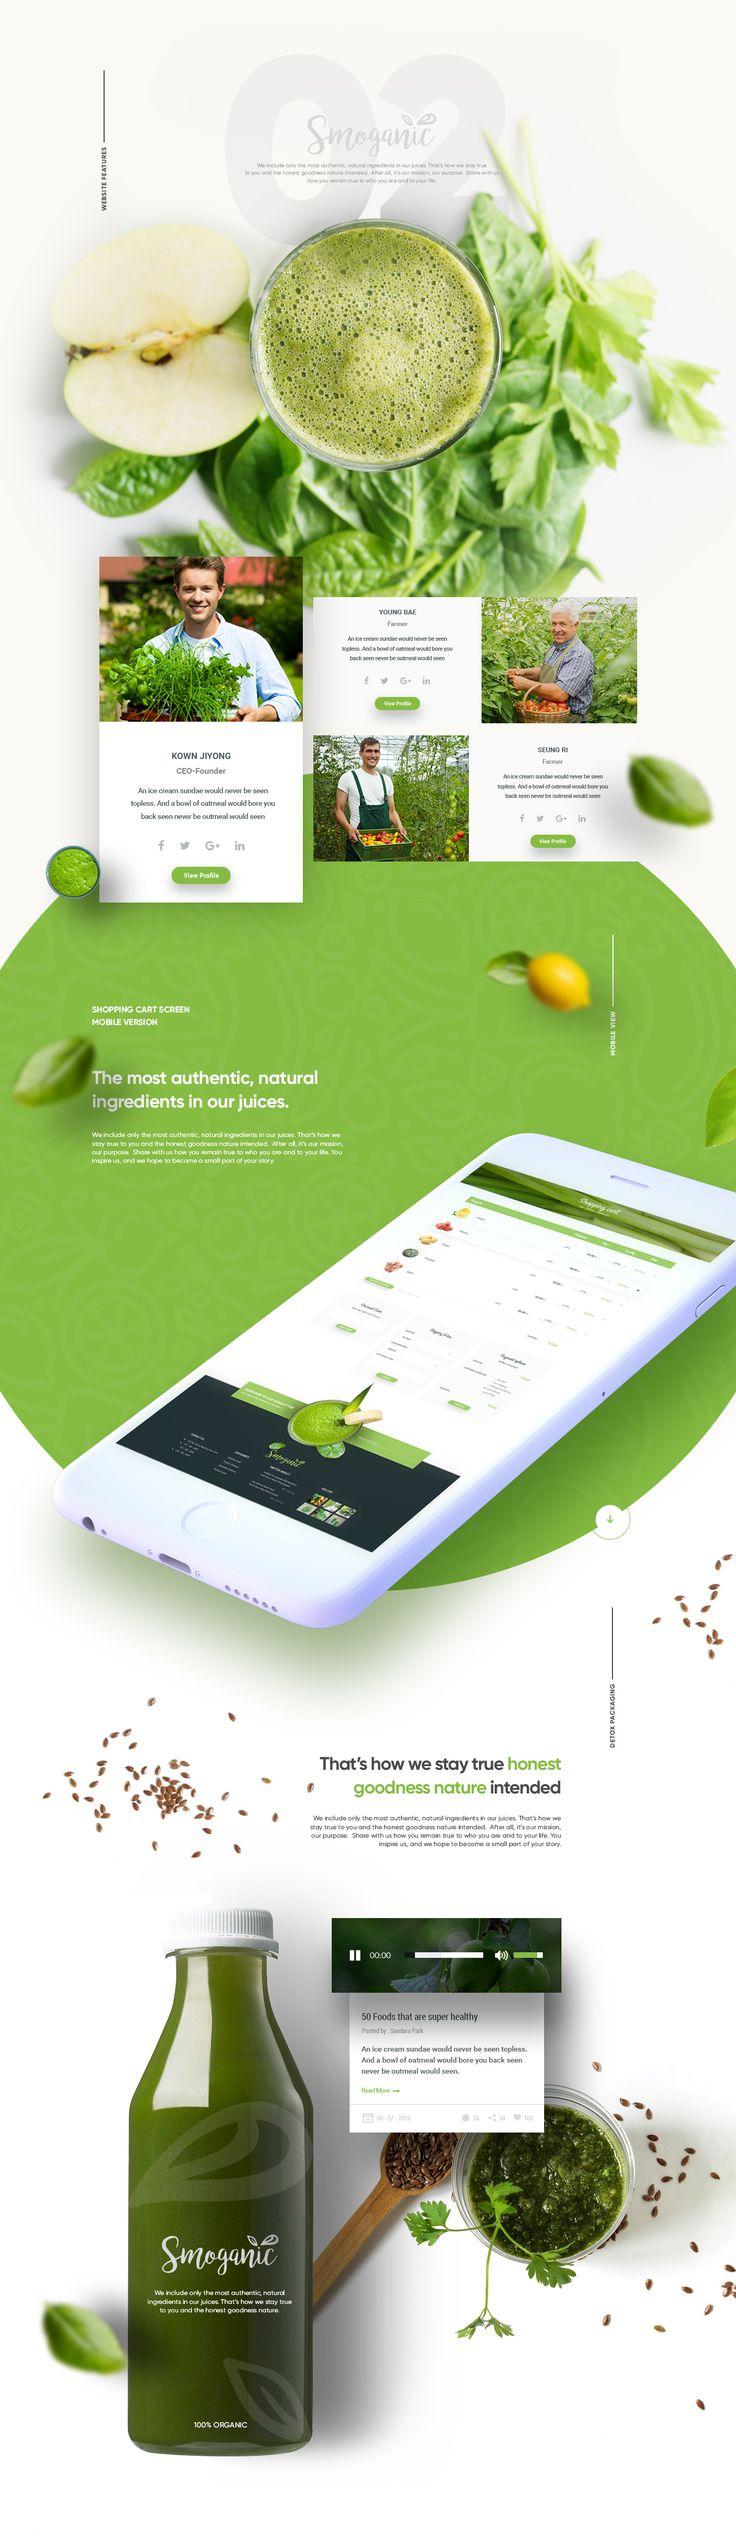 Smoganic Website Design on Behance